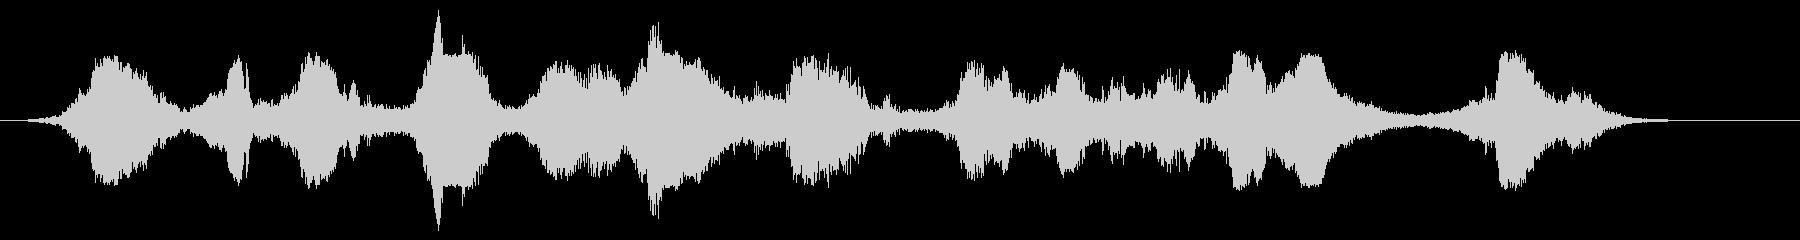 1914-1954ヴィンテージレー...の未再生の波形